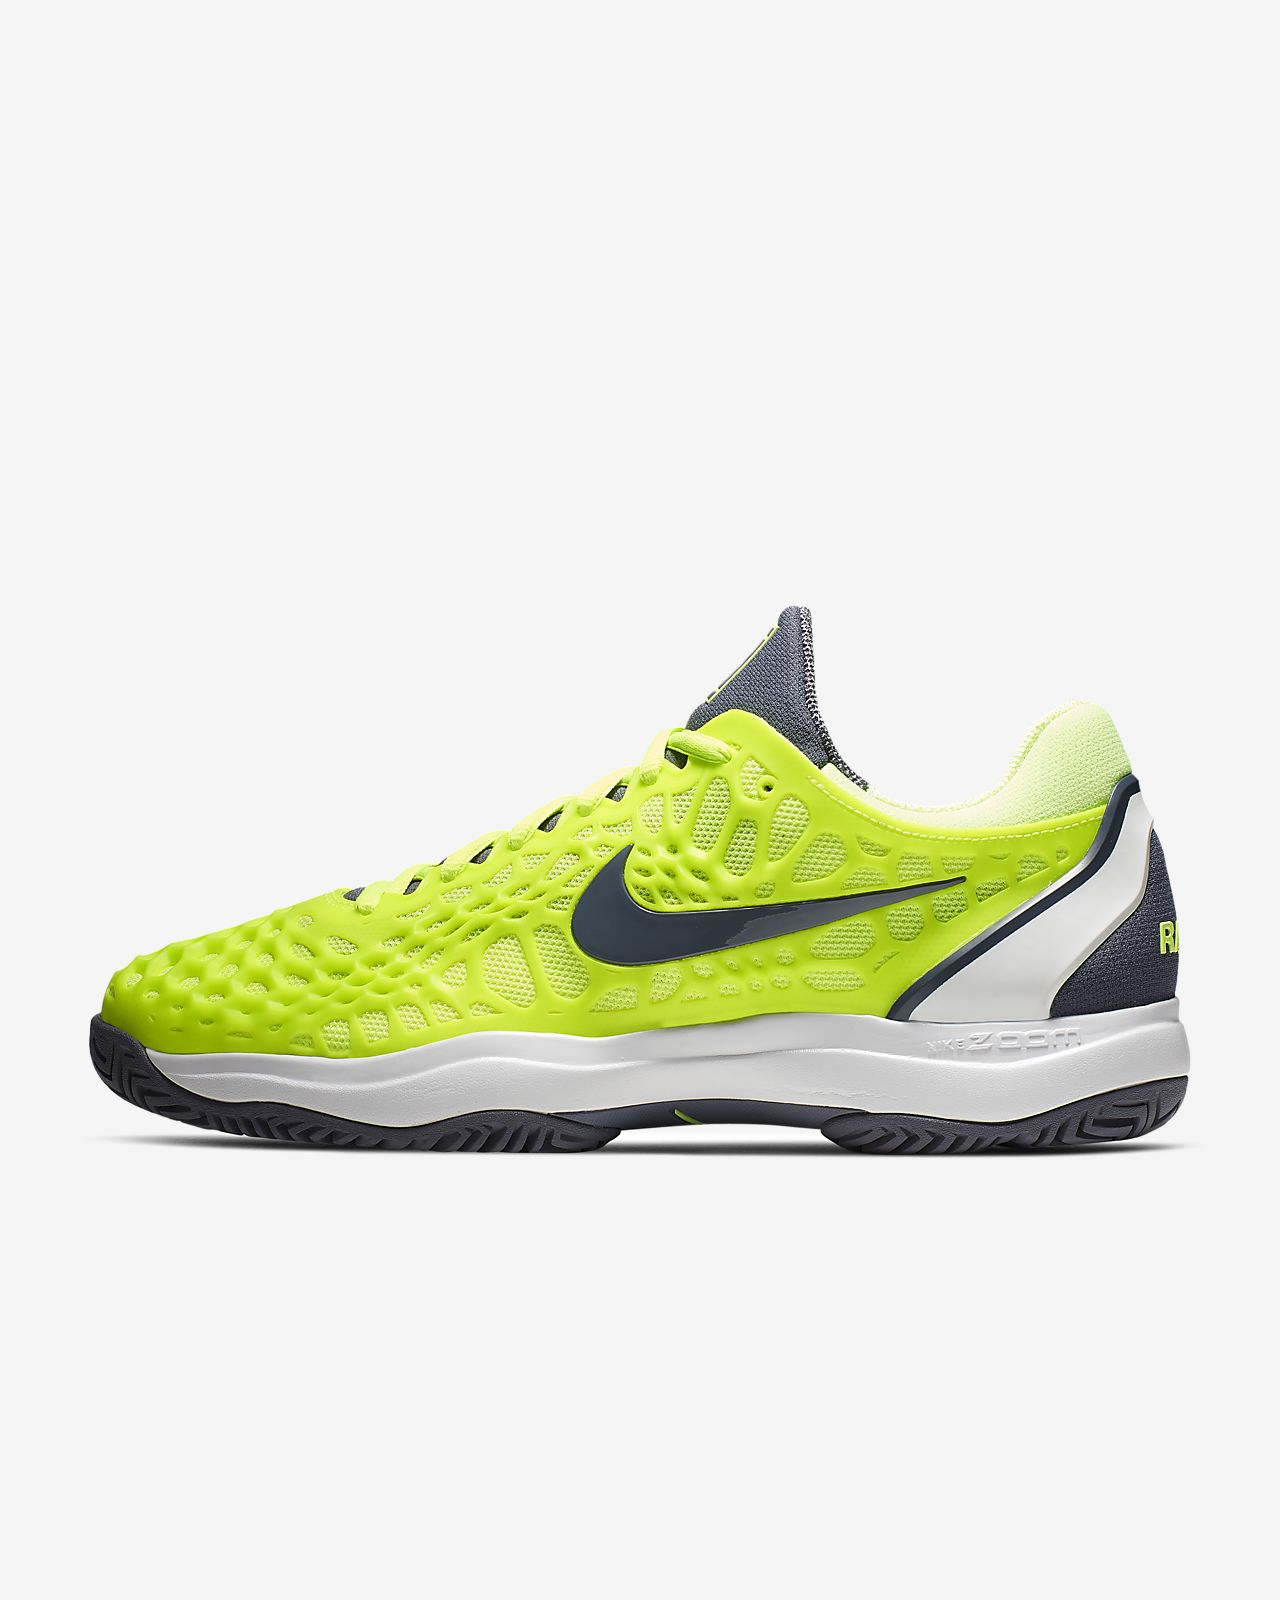 d94b37dd685ef6 ... Calzado de tenis de cancha dura para hombre NikeCourt Zoom Cage 3